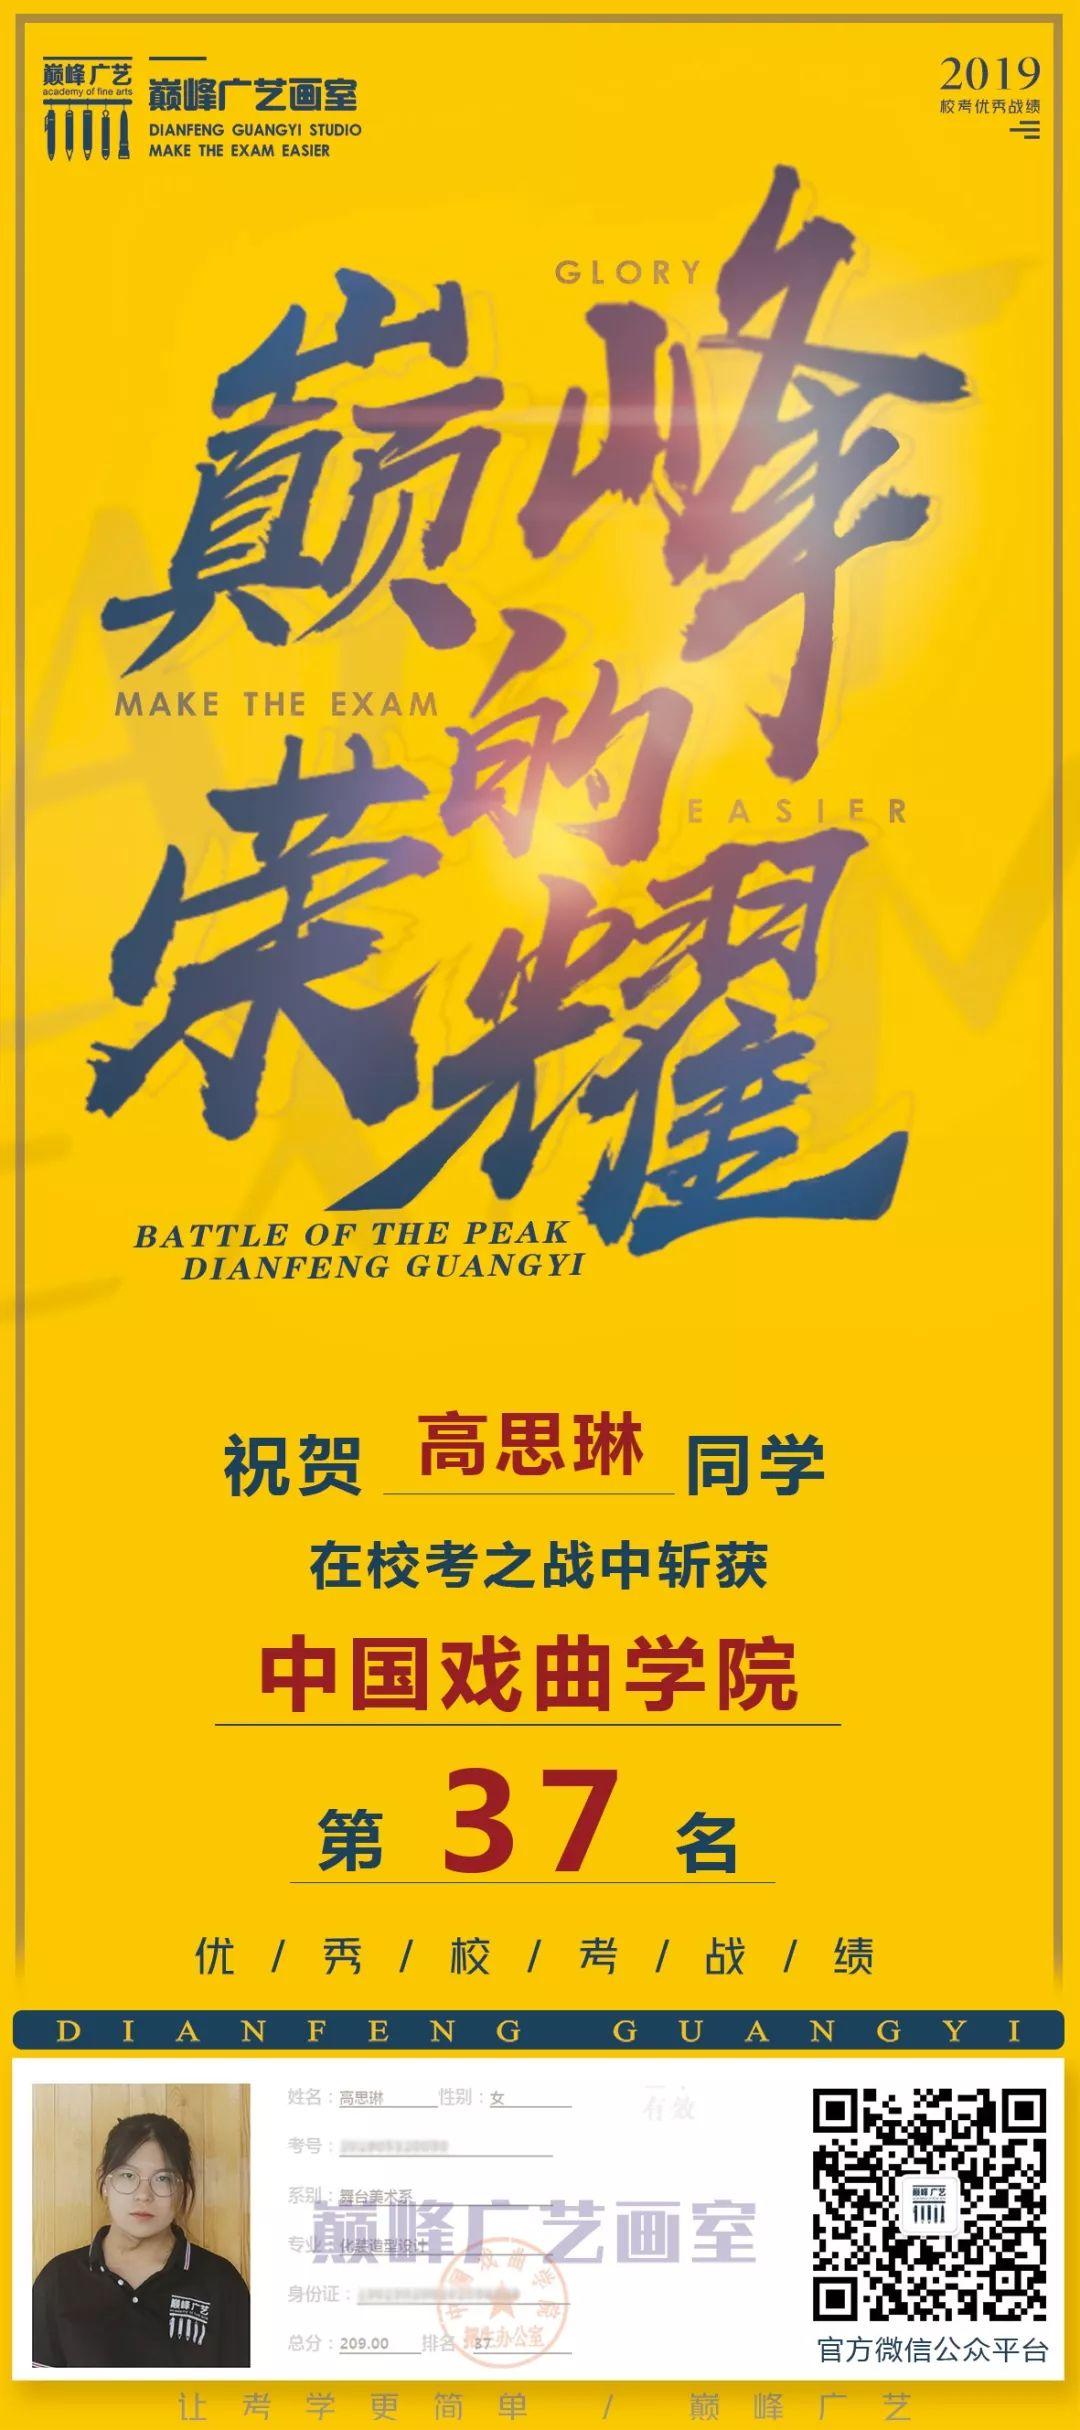 中国传媒大学,北京电影学院,中央戏剧学院,北京巅峰广艺画室       76